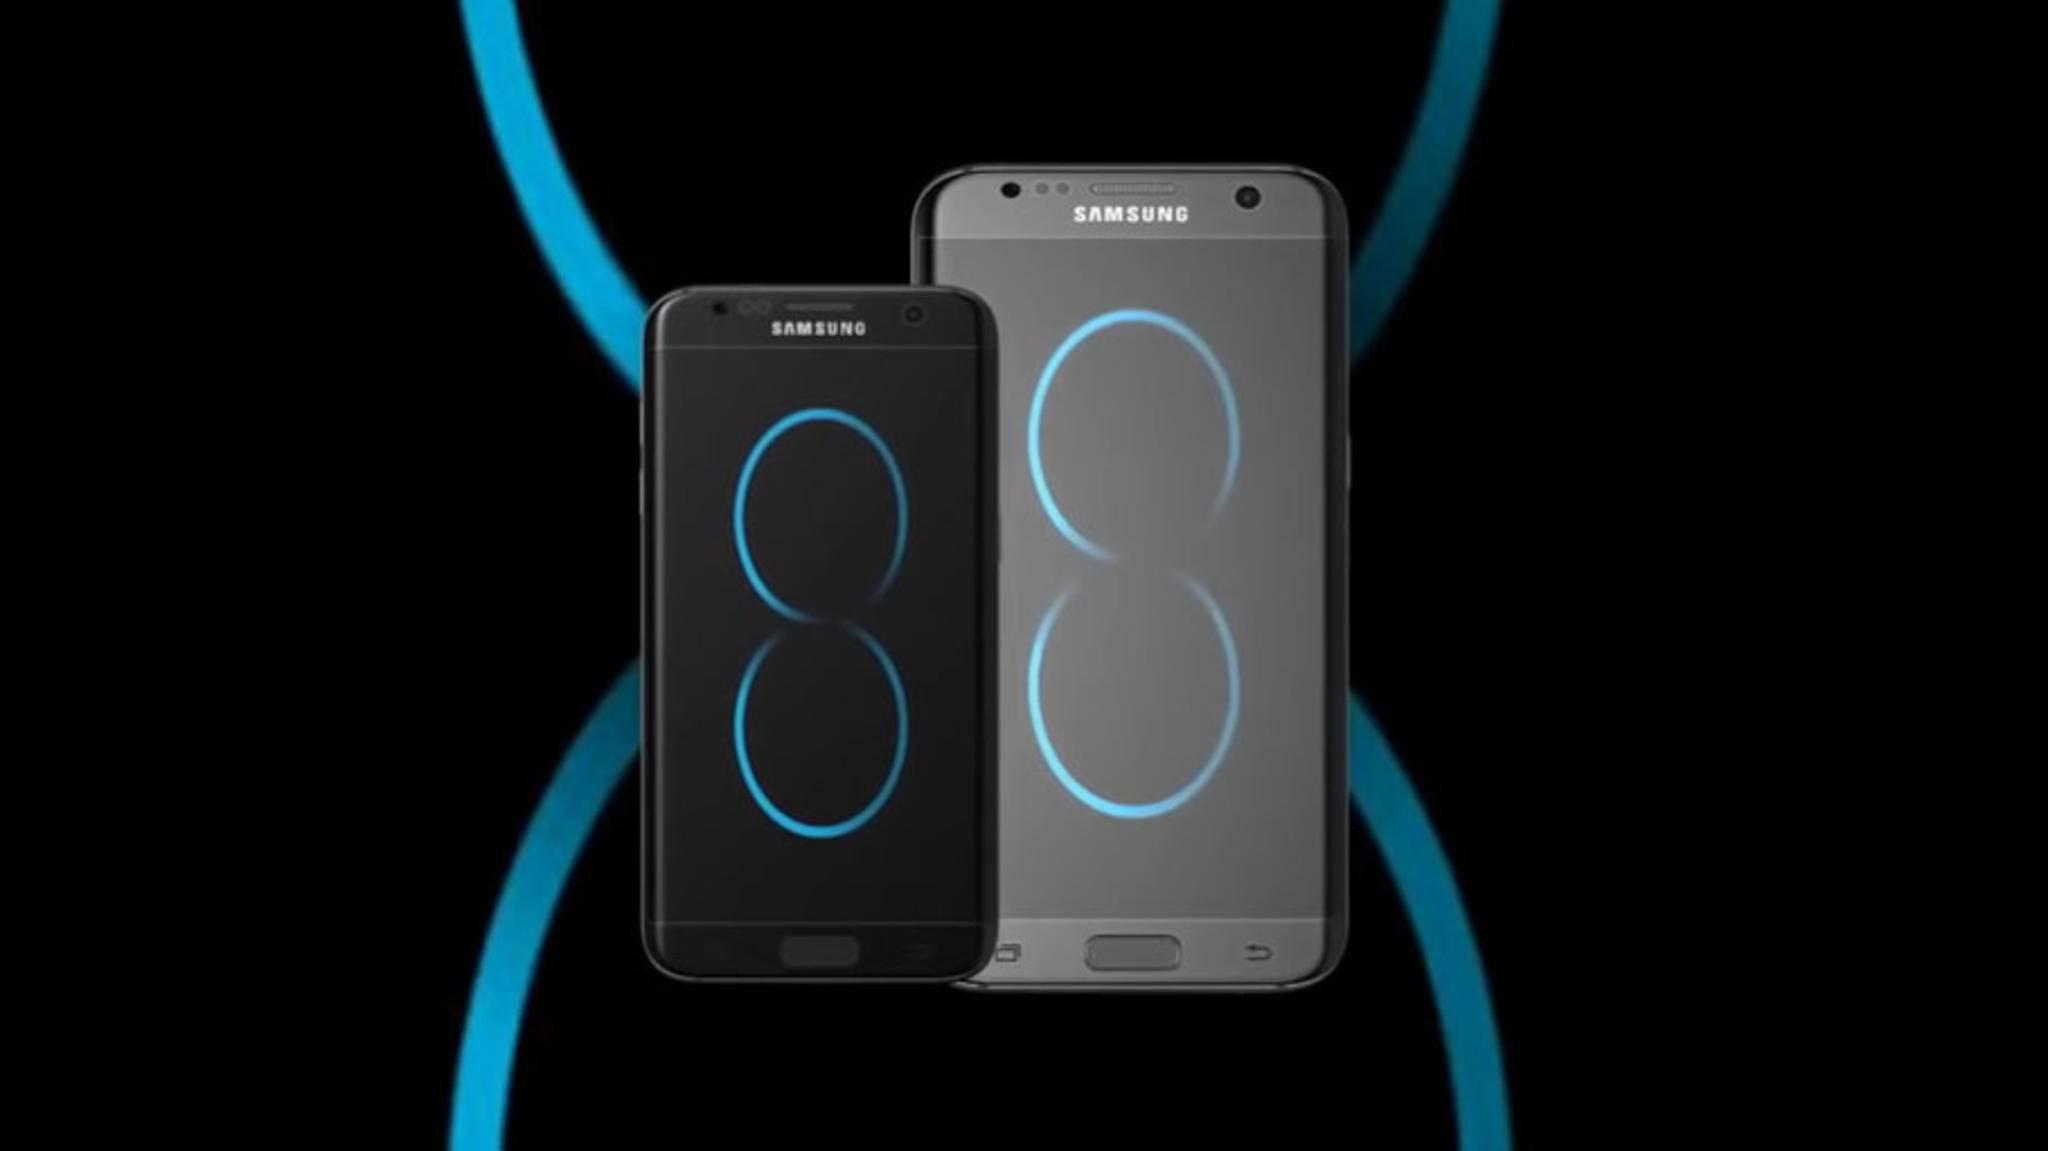 Das Samsung Galaxy S8 soll seinen Release am 21. April feiern.